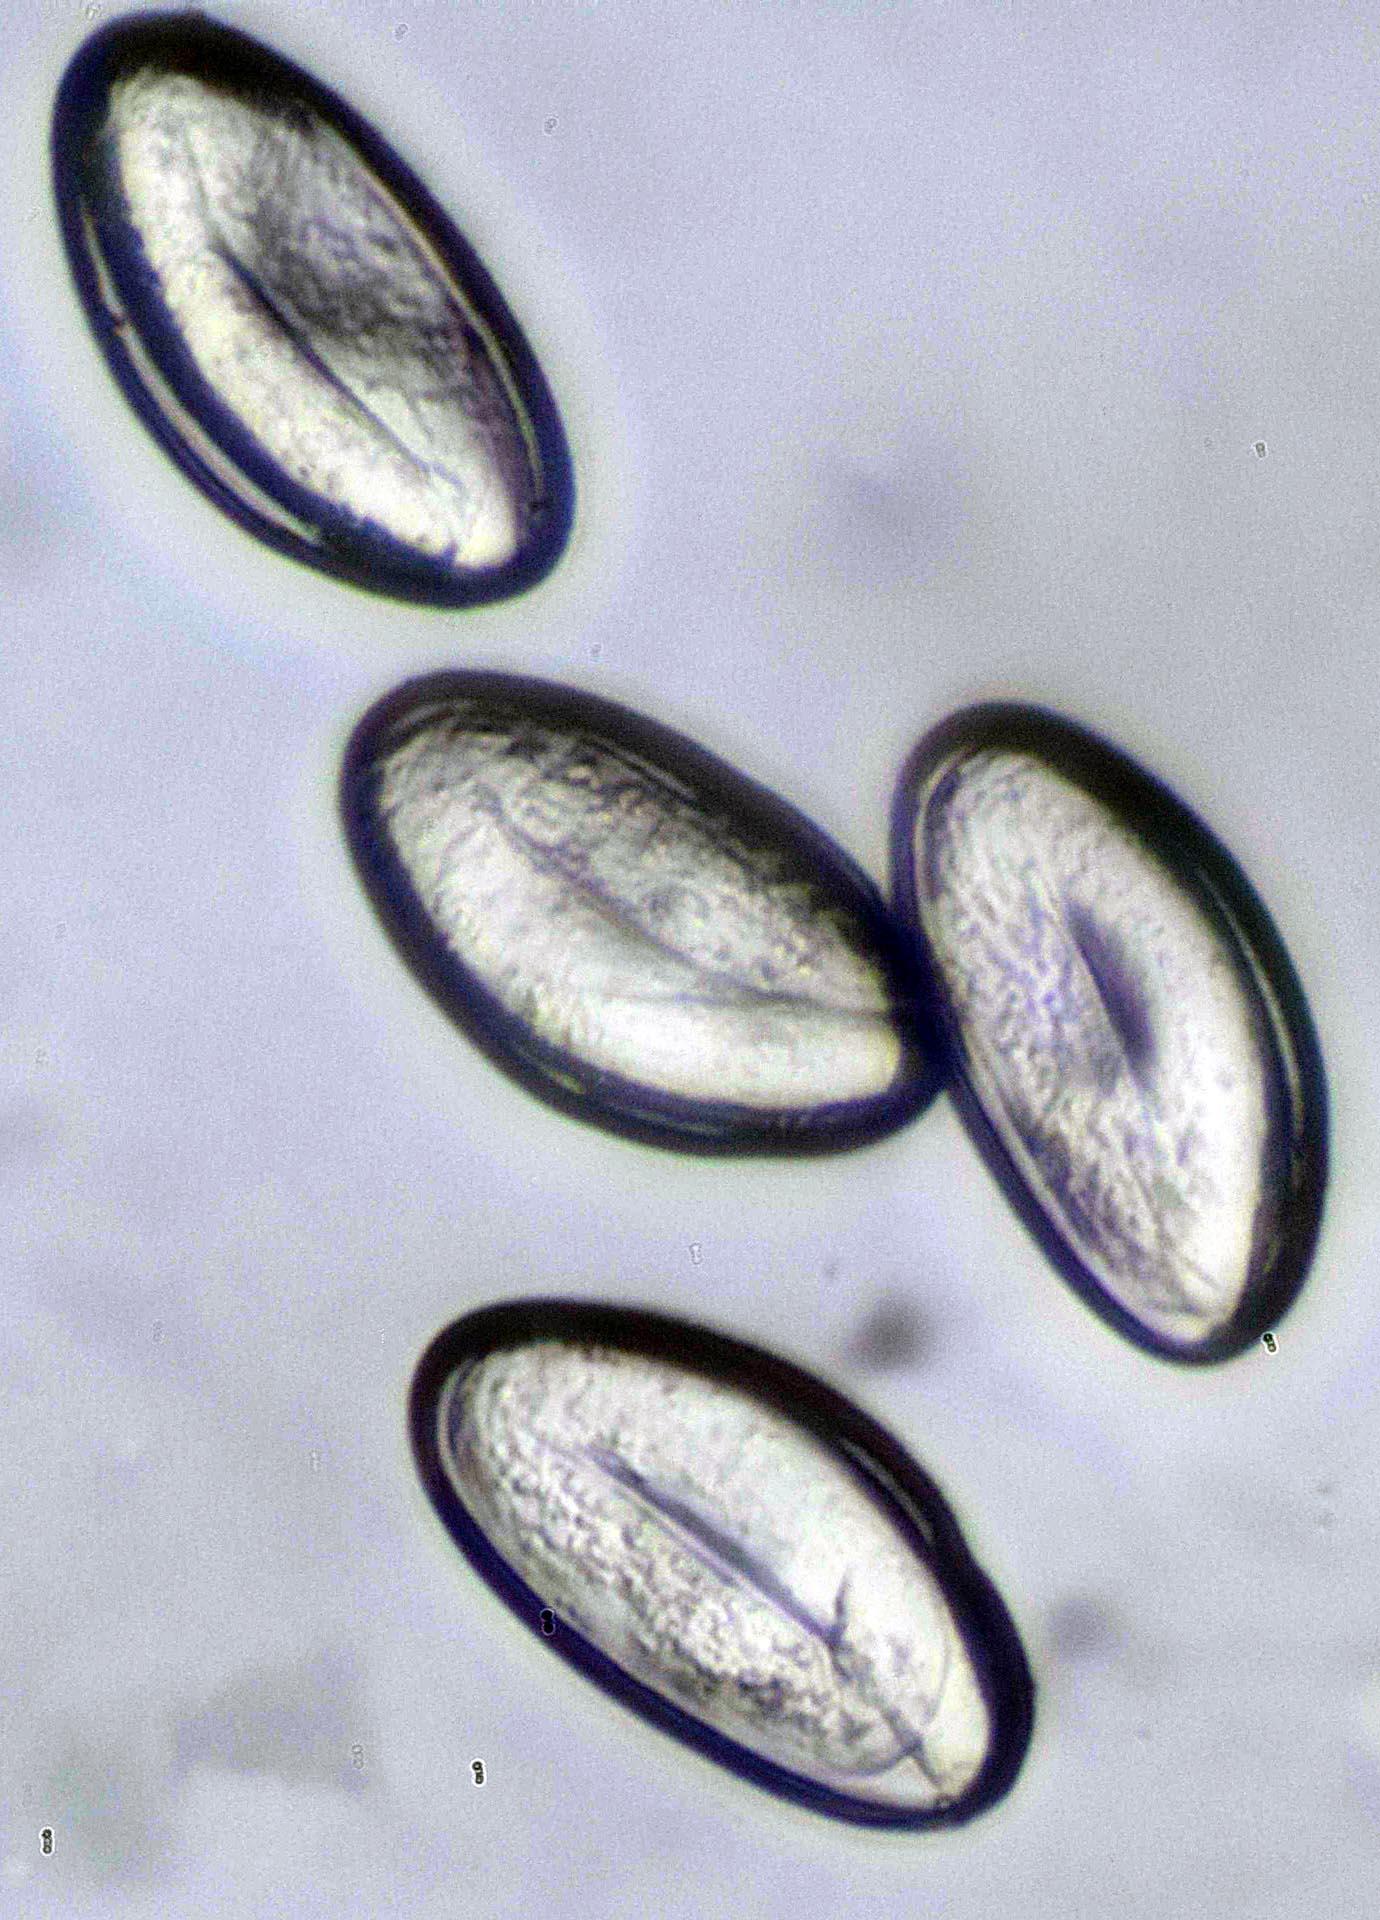 van e hőmérséklet pinwormokkal galandféreg jelenlétének jelei az emberi testben